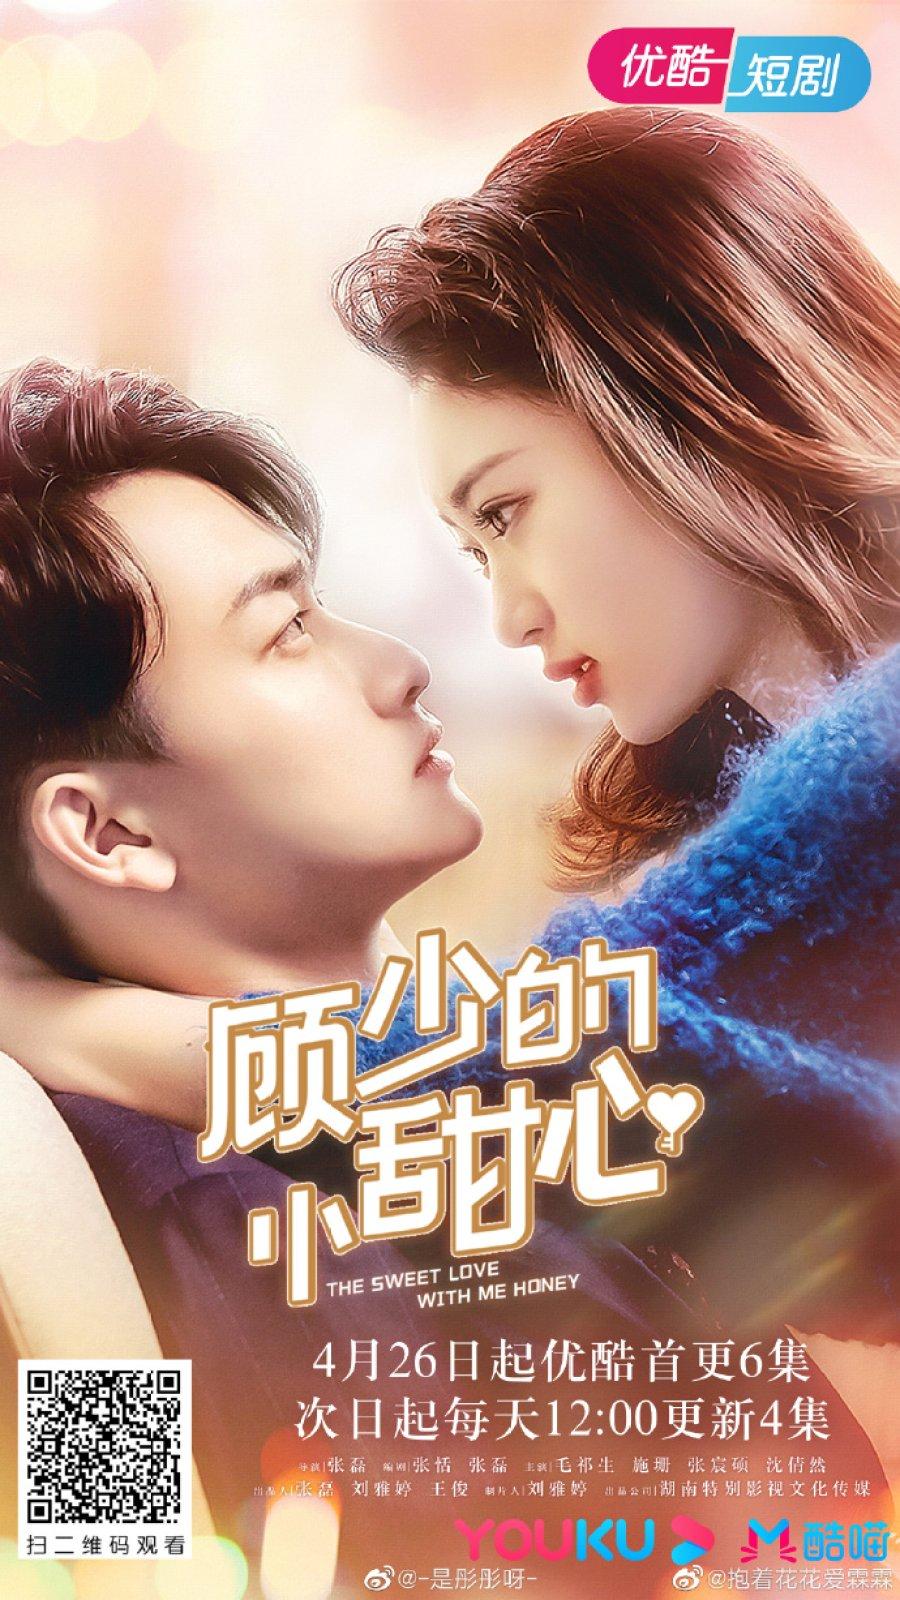 kNJgj 4f - Сладкая любовь со мной, милая ✸ 2021 ✸ Китай